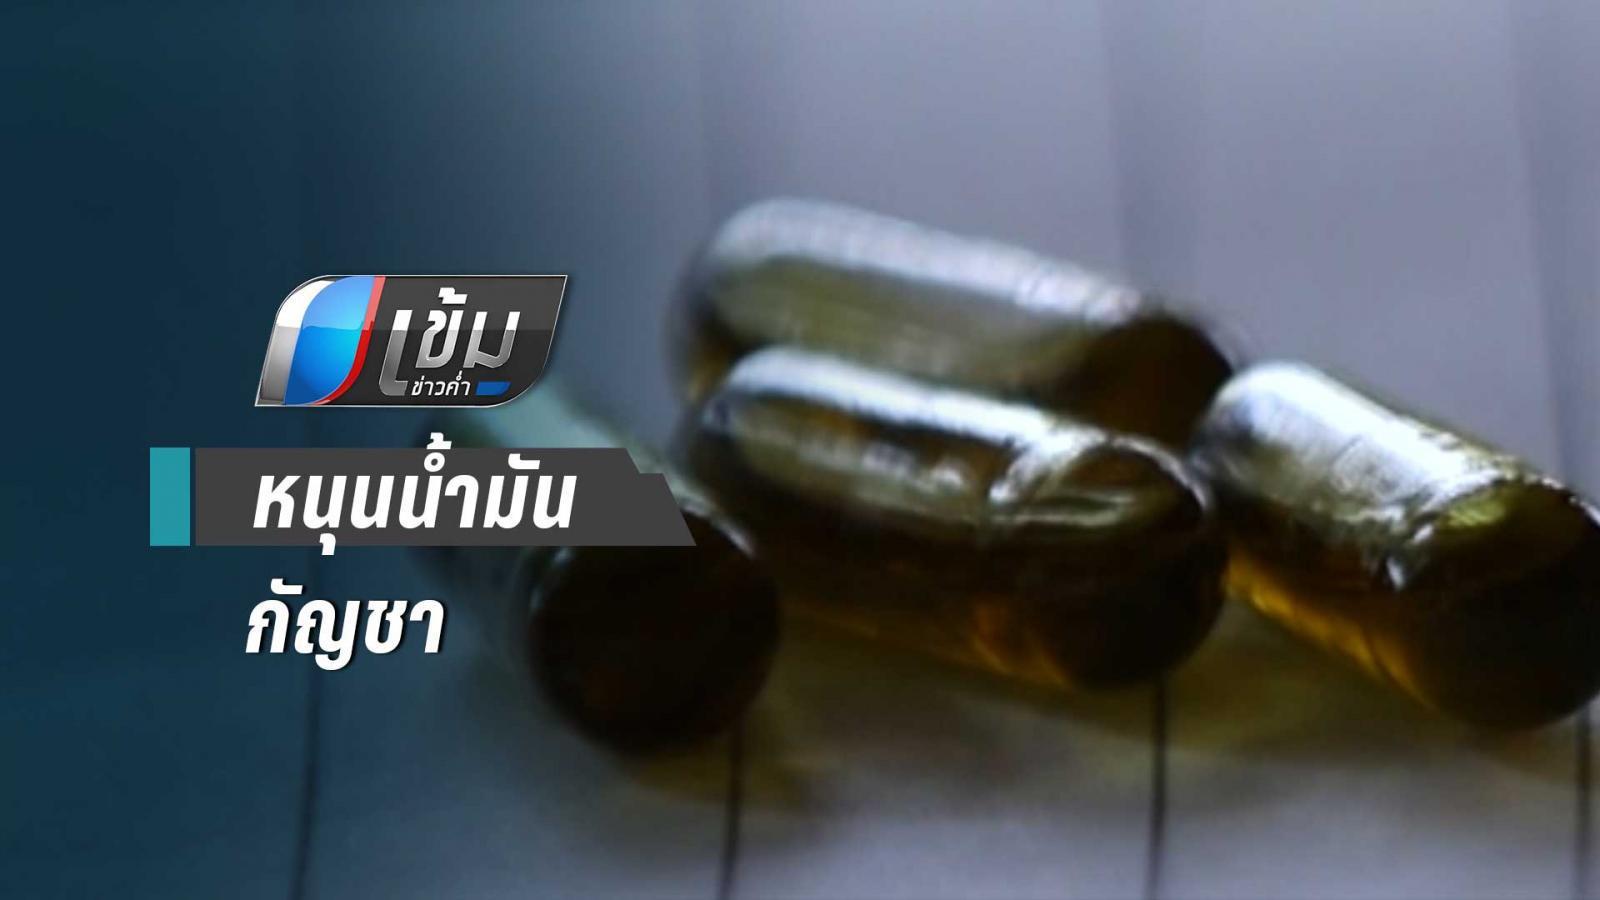 ญาติ-ผู้ป่วยมะเร็ง หนุนน้ำมันกัญชา มูลนิธิข้าวขวัญ